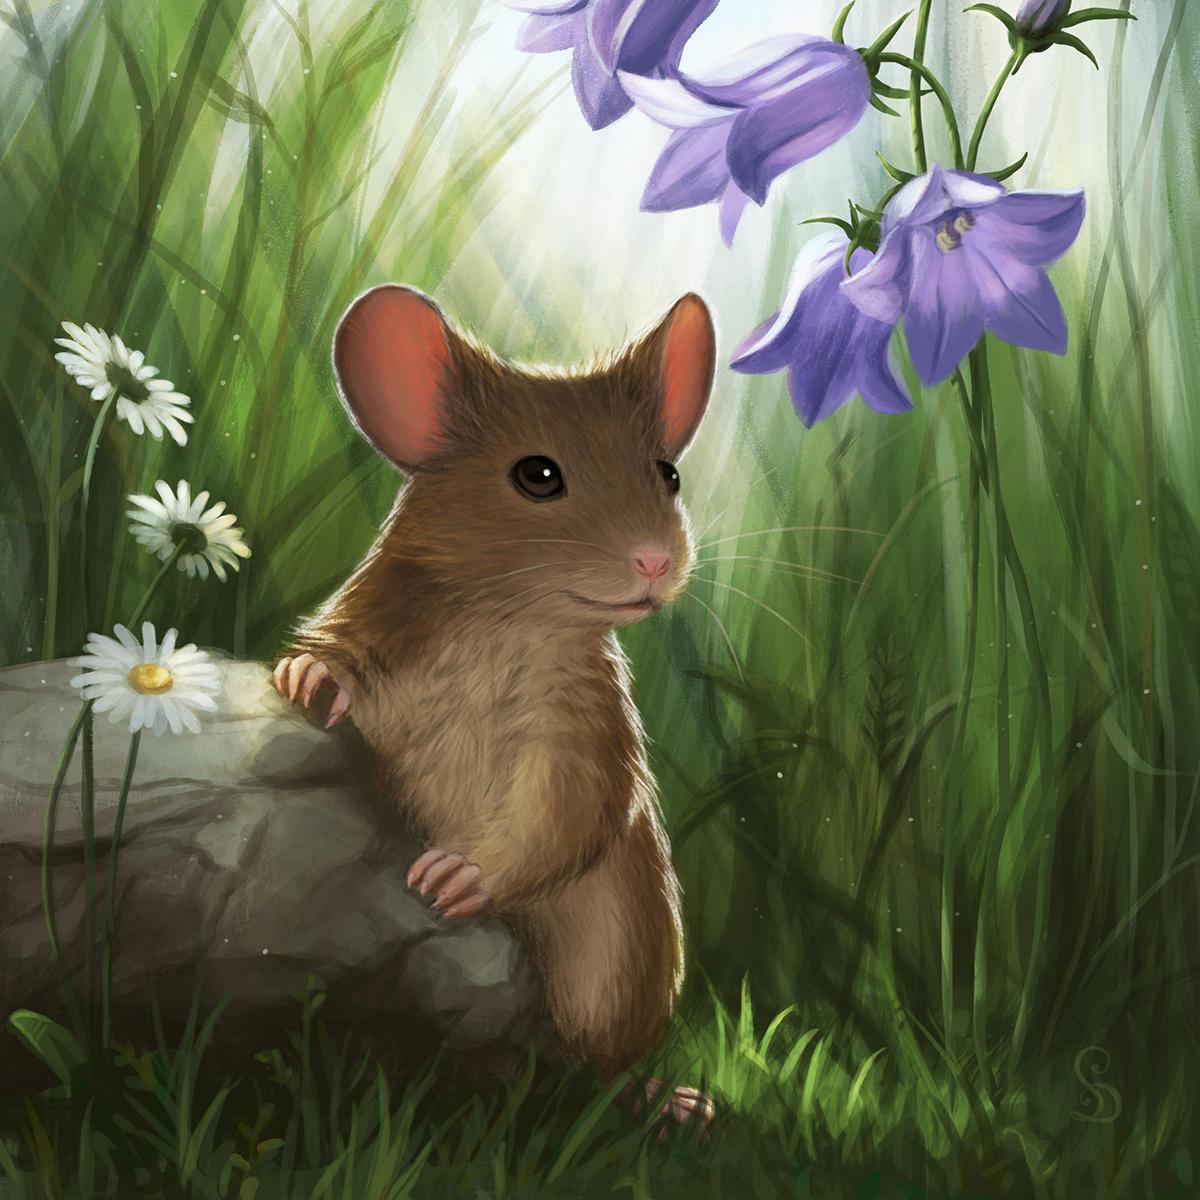 картинка красивого мышонка которые